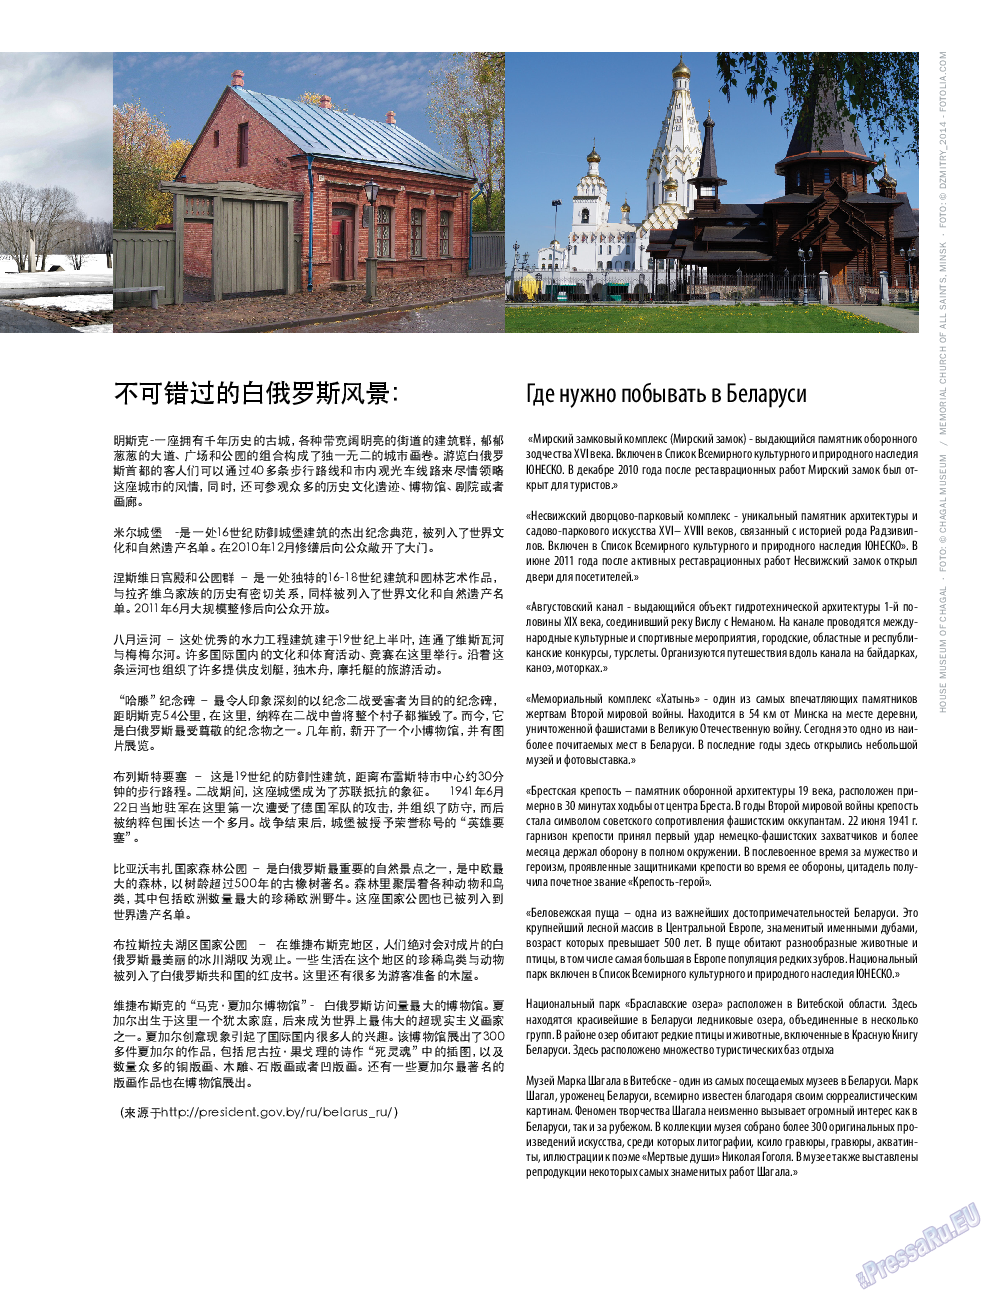 Клан (журнал). 2015 год, номер 8, стр. 63